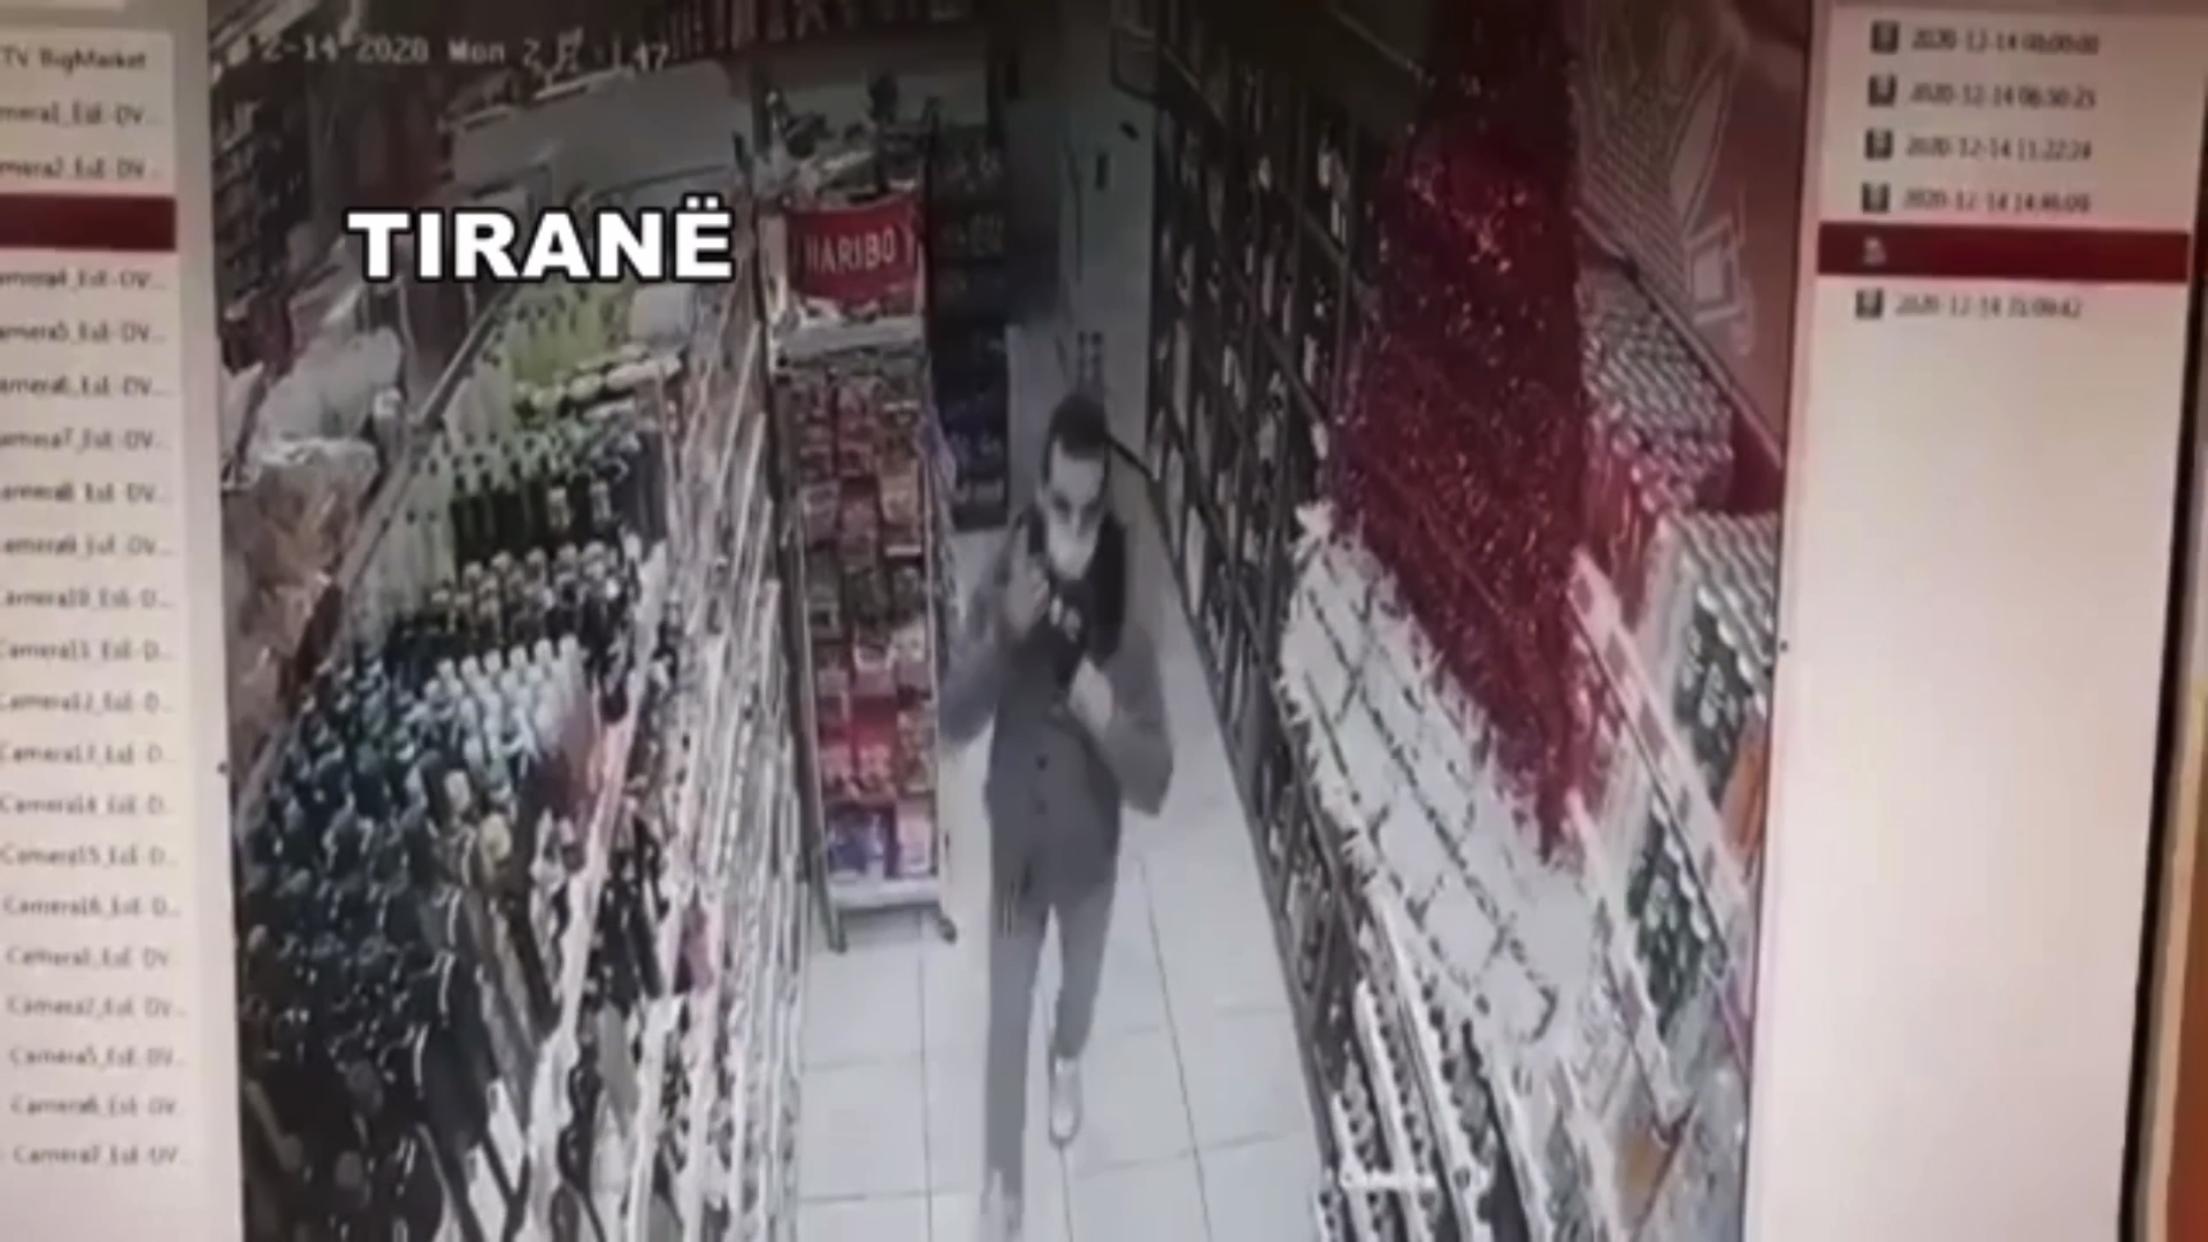 Çifti i hajdutëve kthehet në tmerrin e marketeve në Tiranë, shihni si vjedhin të pashqetësuar (VIDEO)